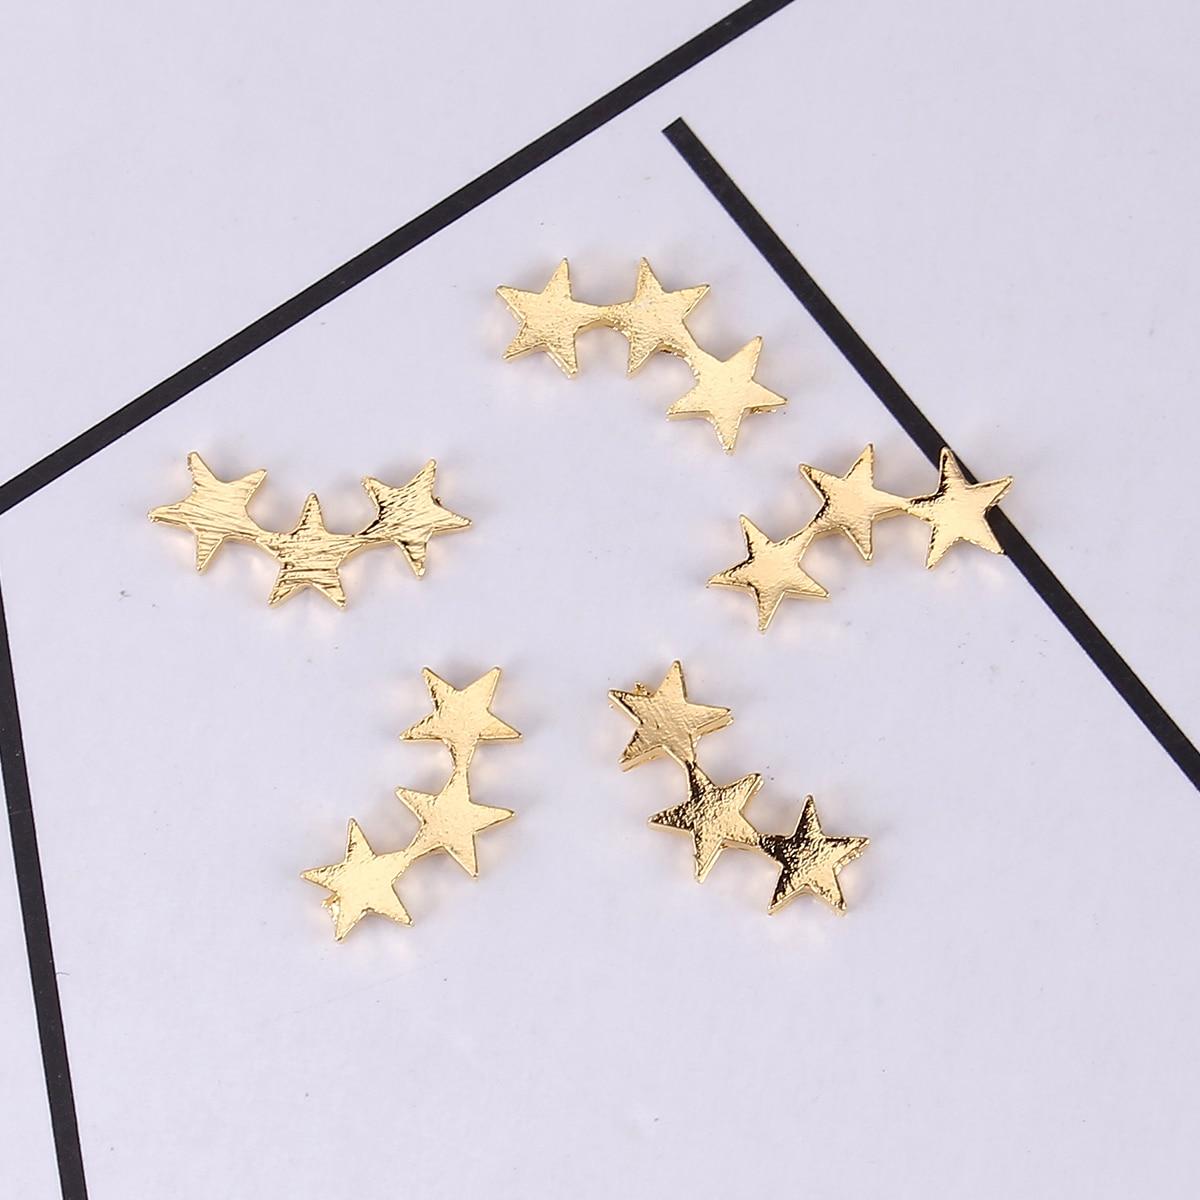 Инструменты для ювелирных изделий из сплава и смолы, на основе цинка, с золотым покрытием, 13 мм (4/8 дюйма) x 6 мм (2/8 дюйма), 10 шт.